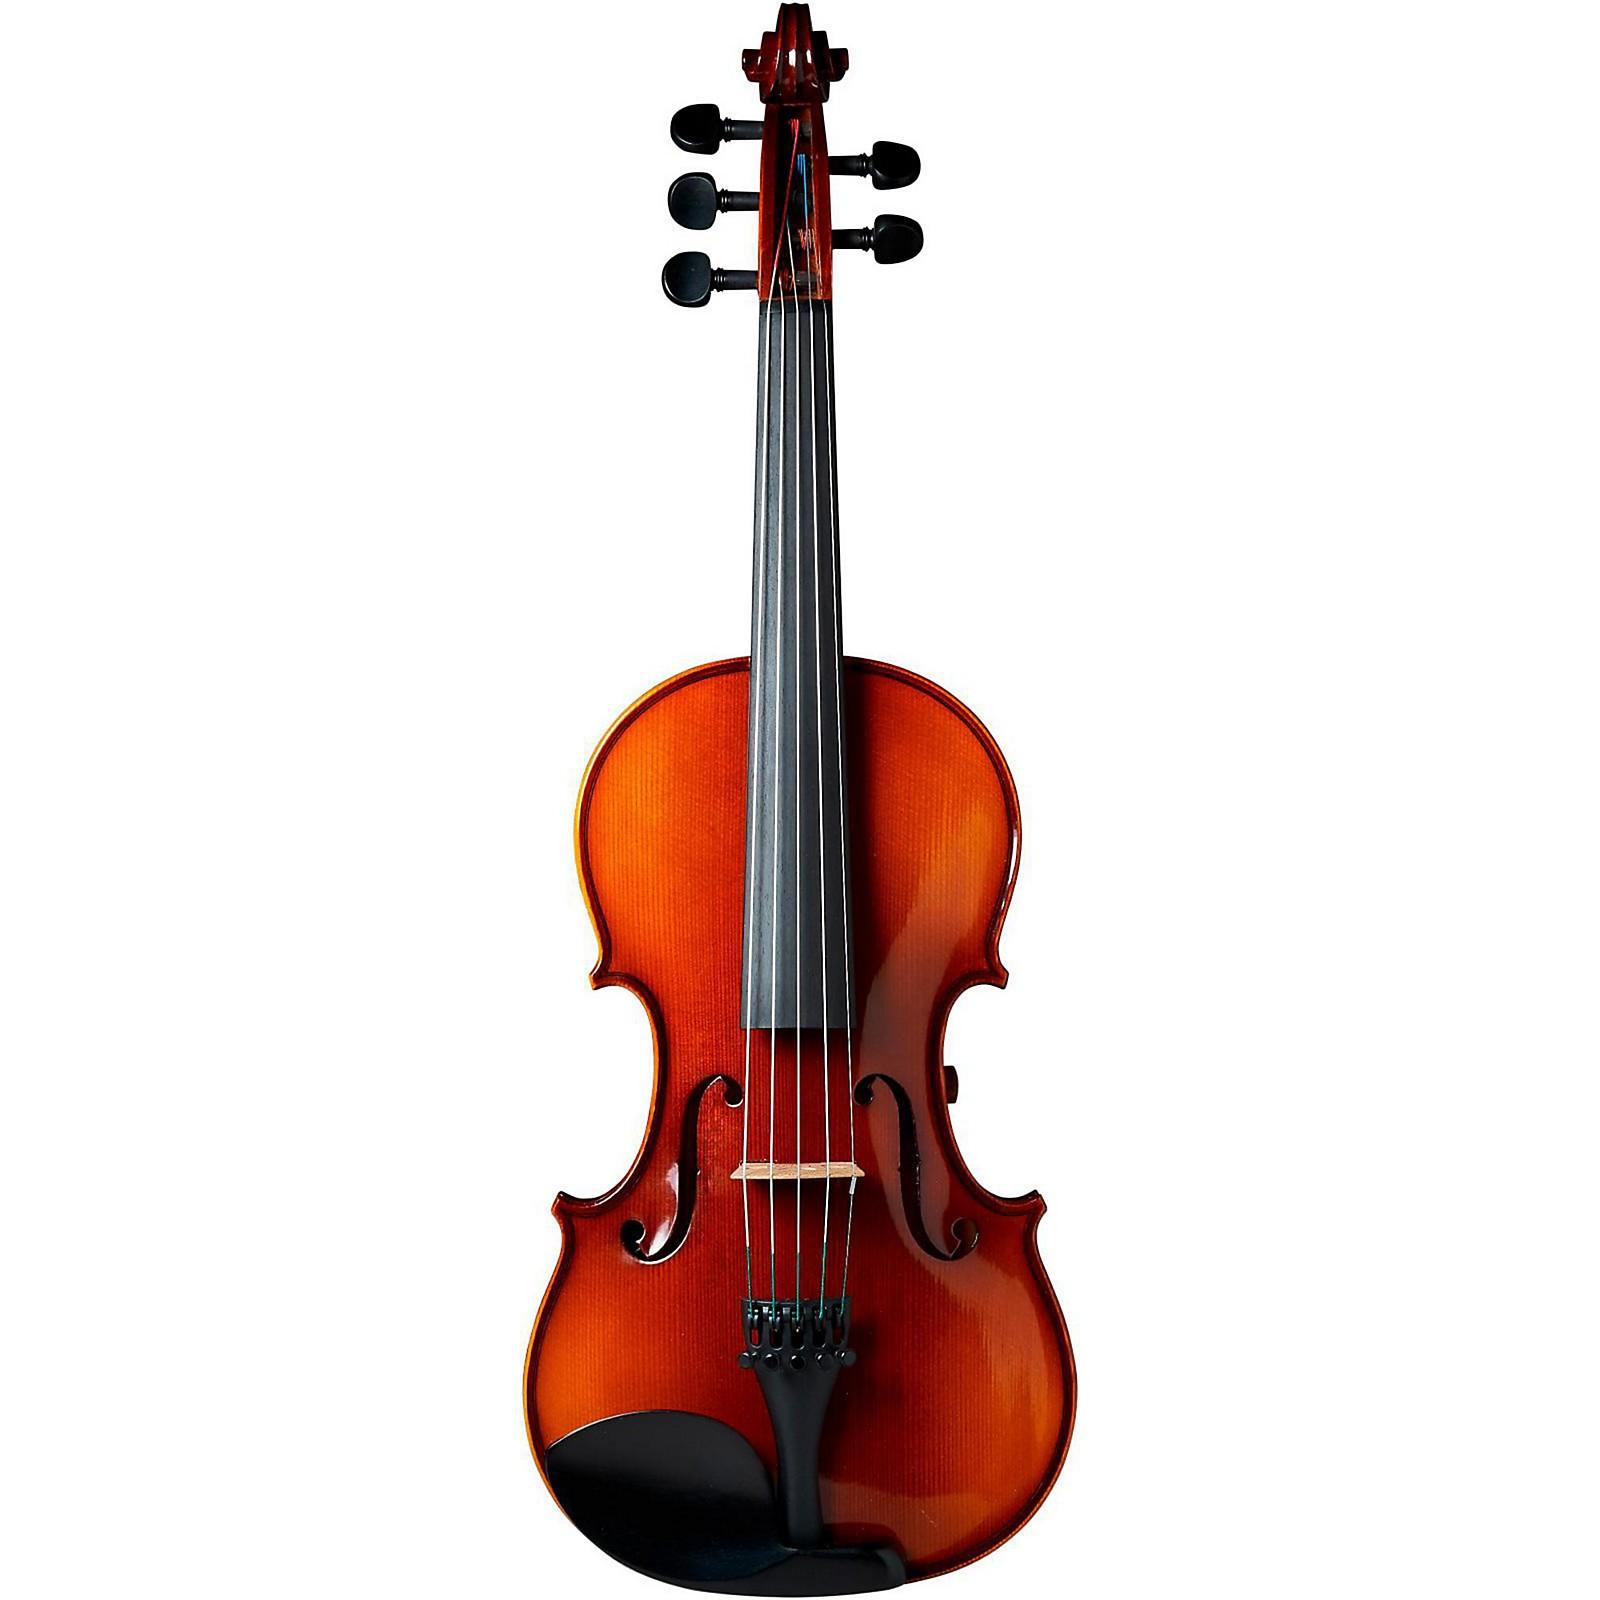 The Realist RV5e E-Series 5-String Violin